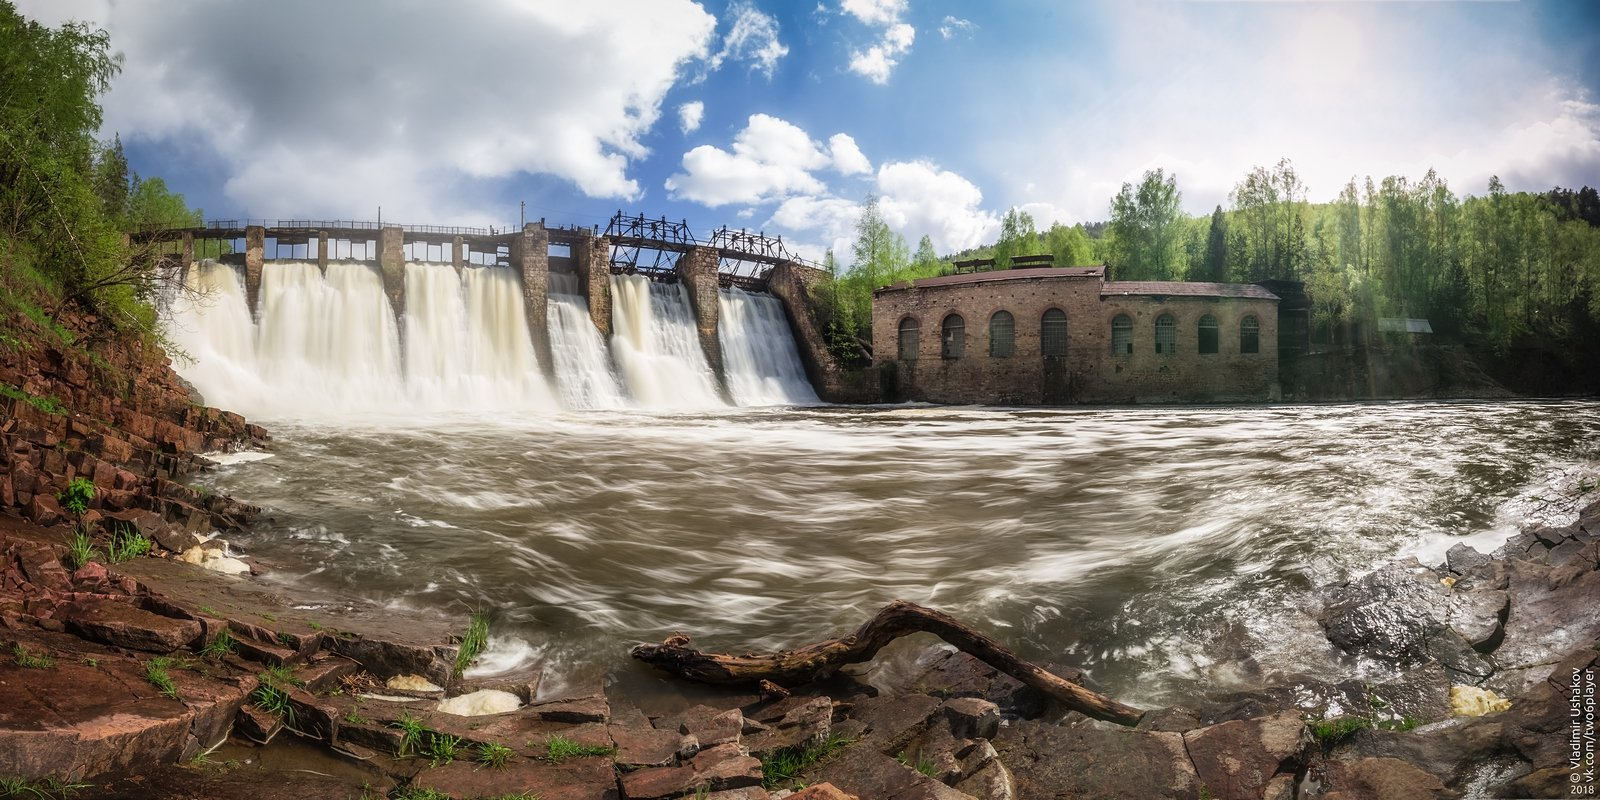 гэс, гидроэлектростанция, пороги, порожская гэс, река, большая сатка, челябинская область, Владимир Ушаков